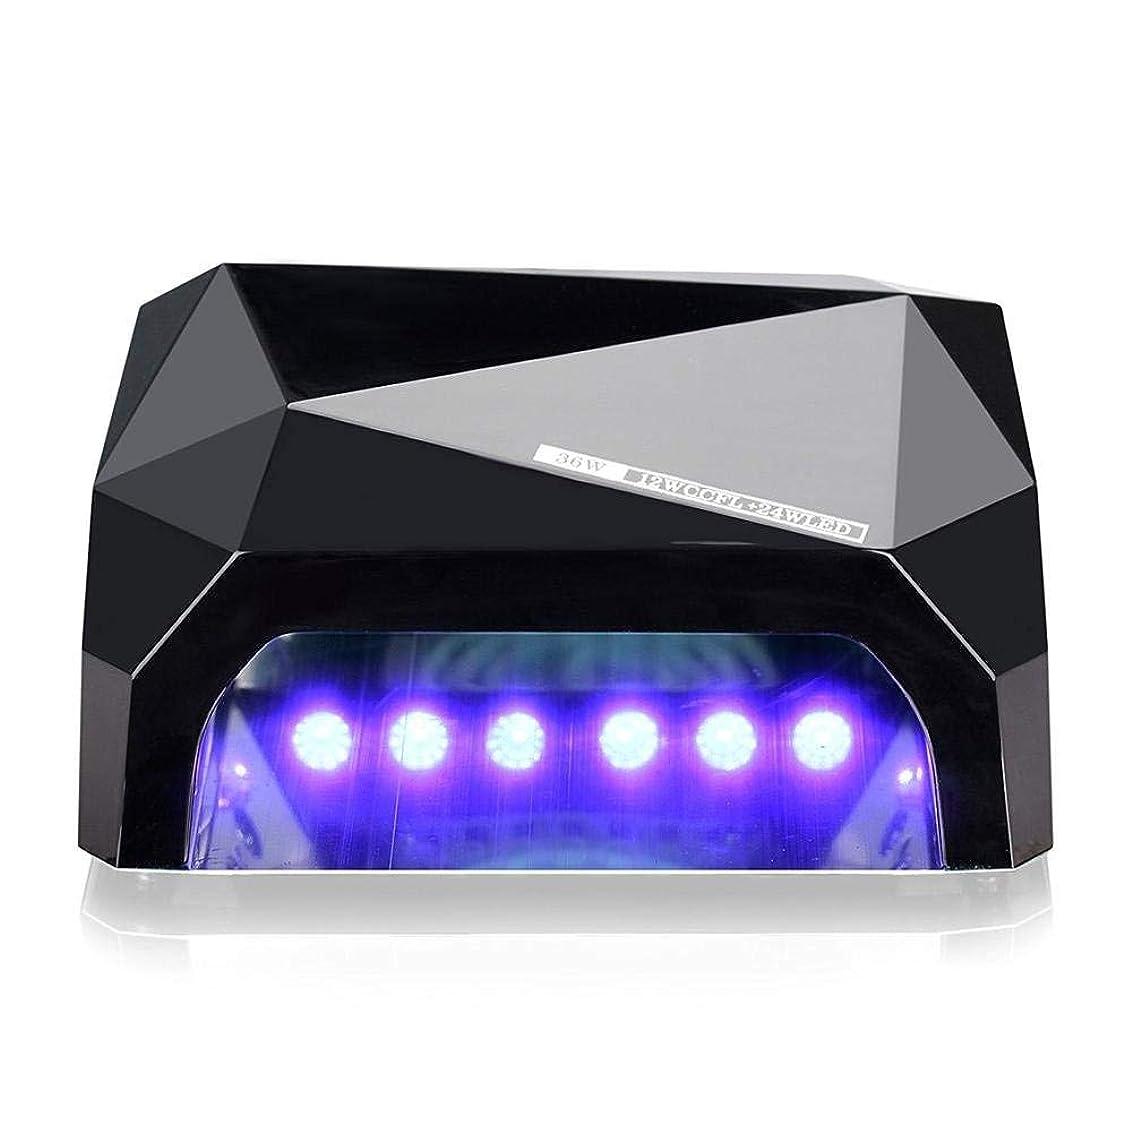 姉妹ソビエト非行36W LED UVネイルランプネイルライトドライヤー用硬化ジェルネイルポリッシュ用ネイルアートマニキュアツール3タイムプレセット(10秒30秒60秒)6色